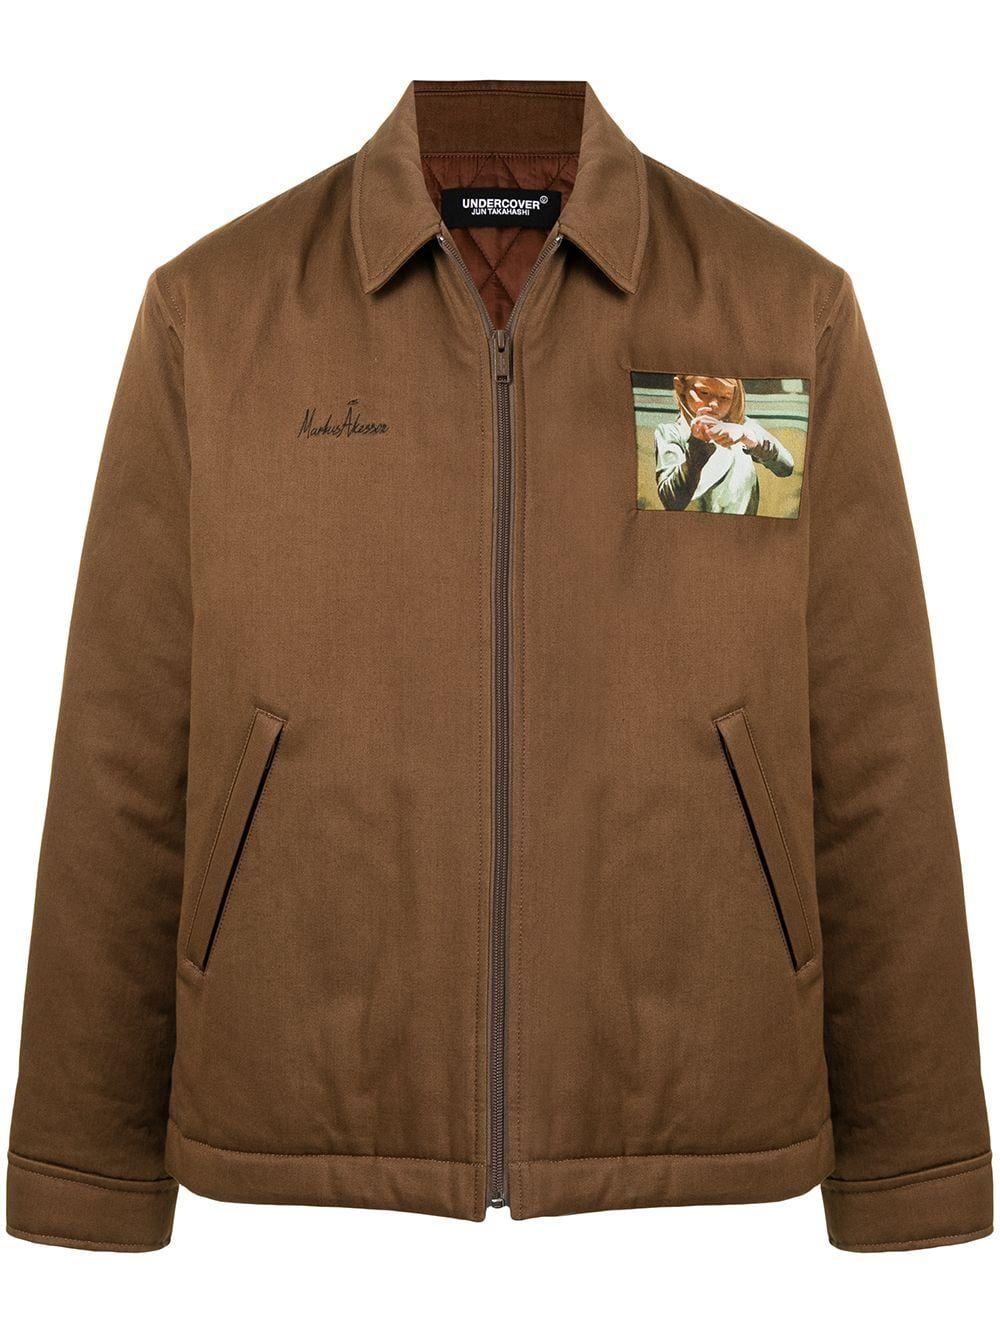 Undercover giacconi marrone